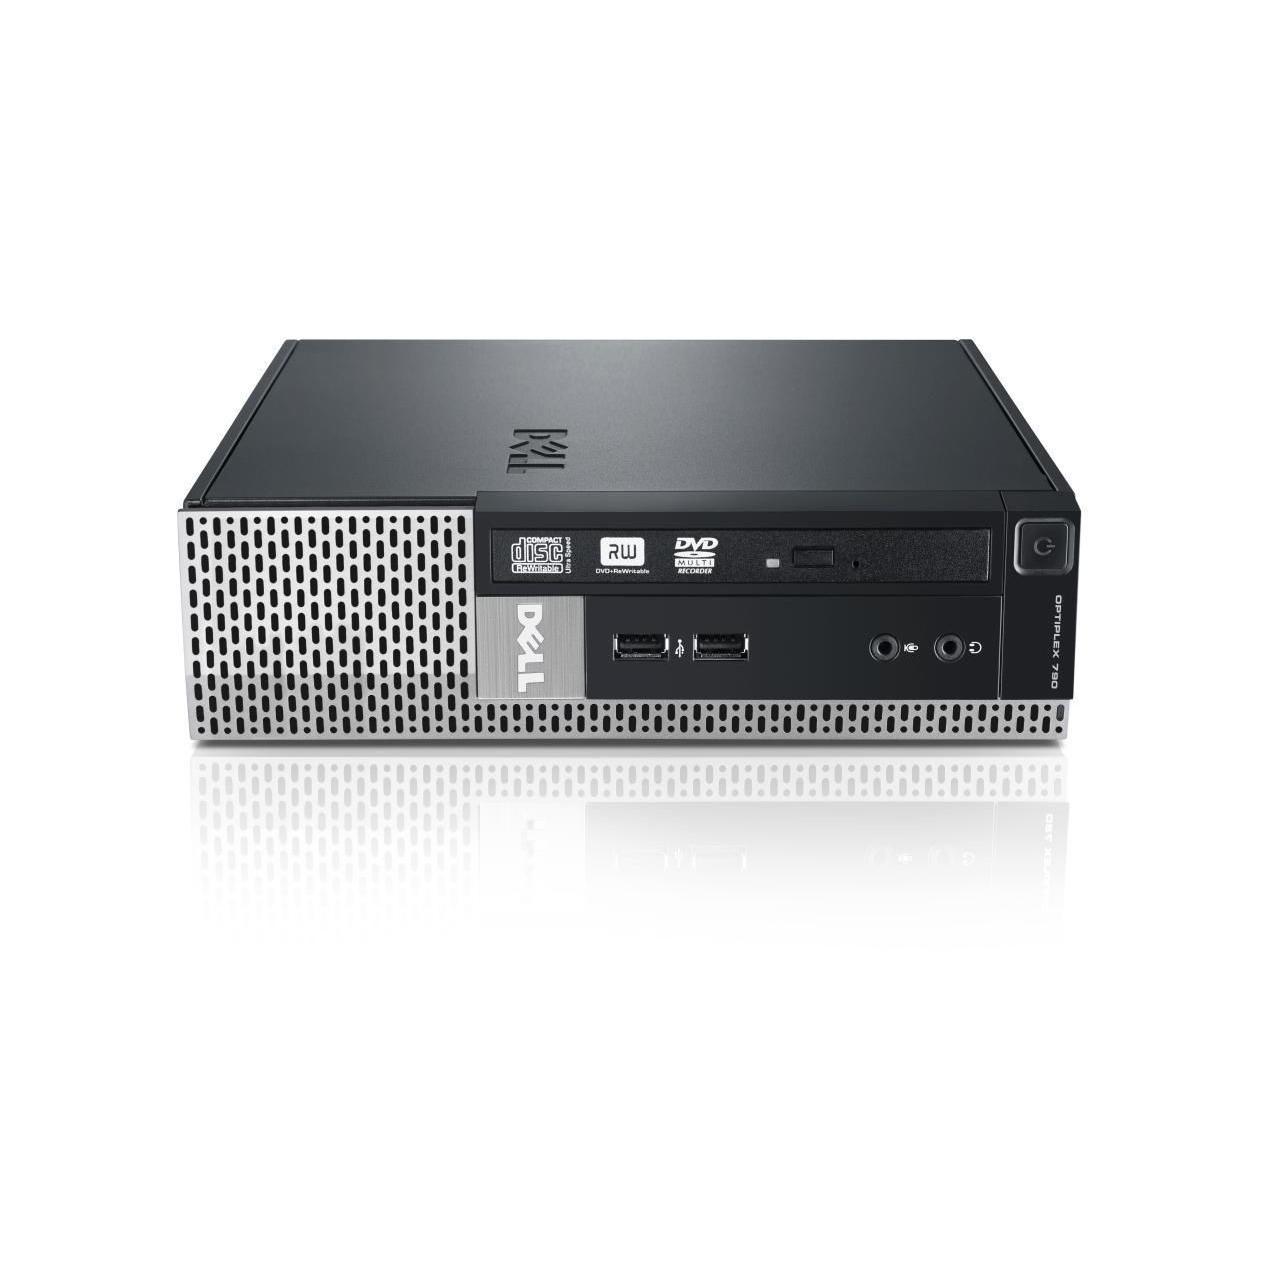 Dell Optiplex 790 USFF  Core i3 3,3 GHz  - HDD 250 GB RAM 4 GB